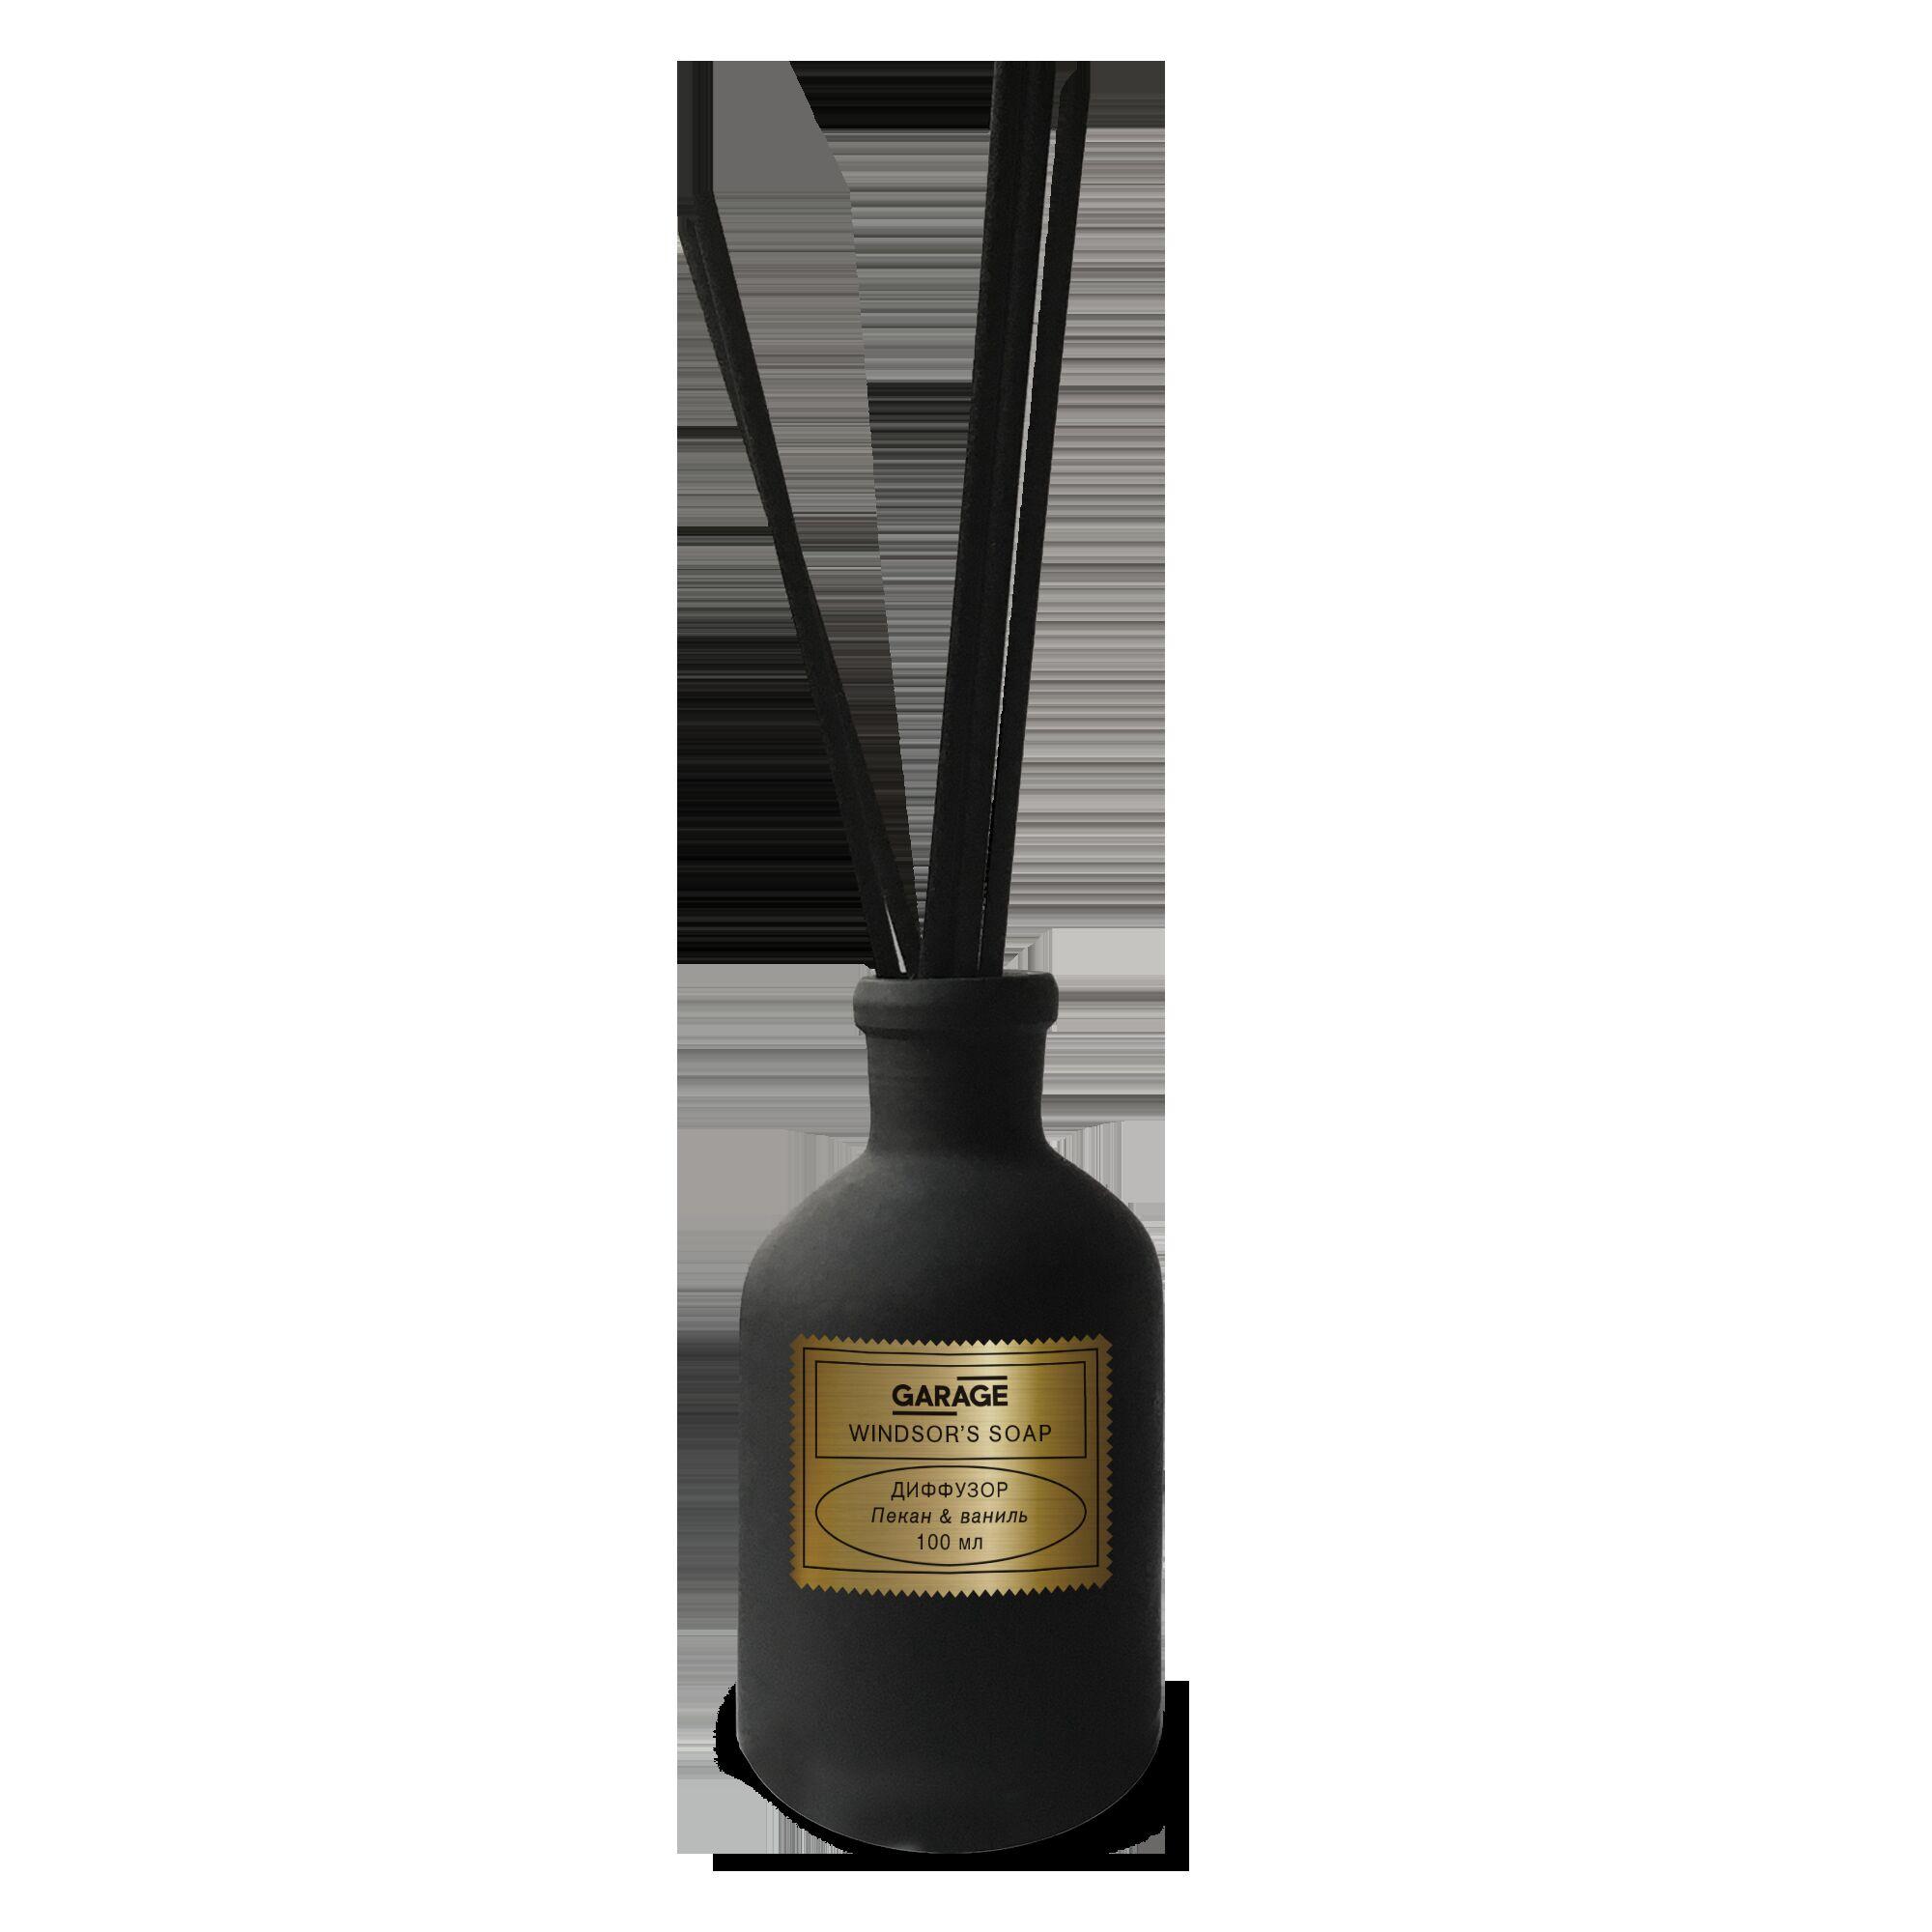 Pecan and Vanilla aroma diffuser